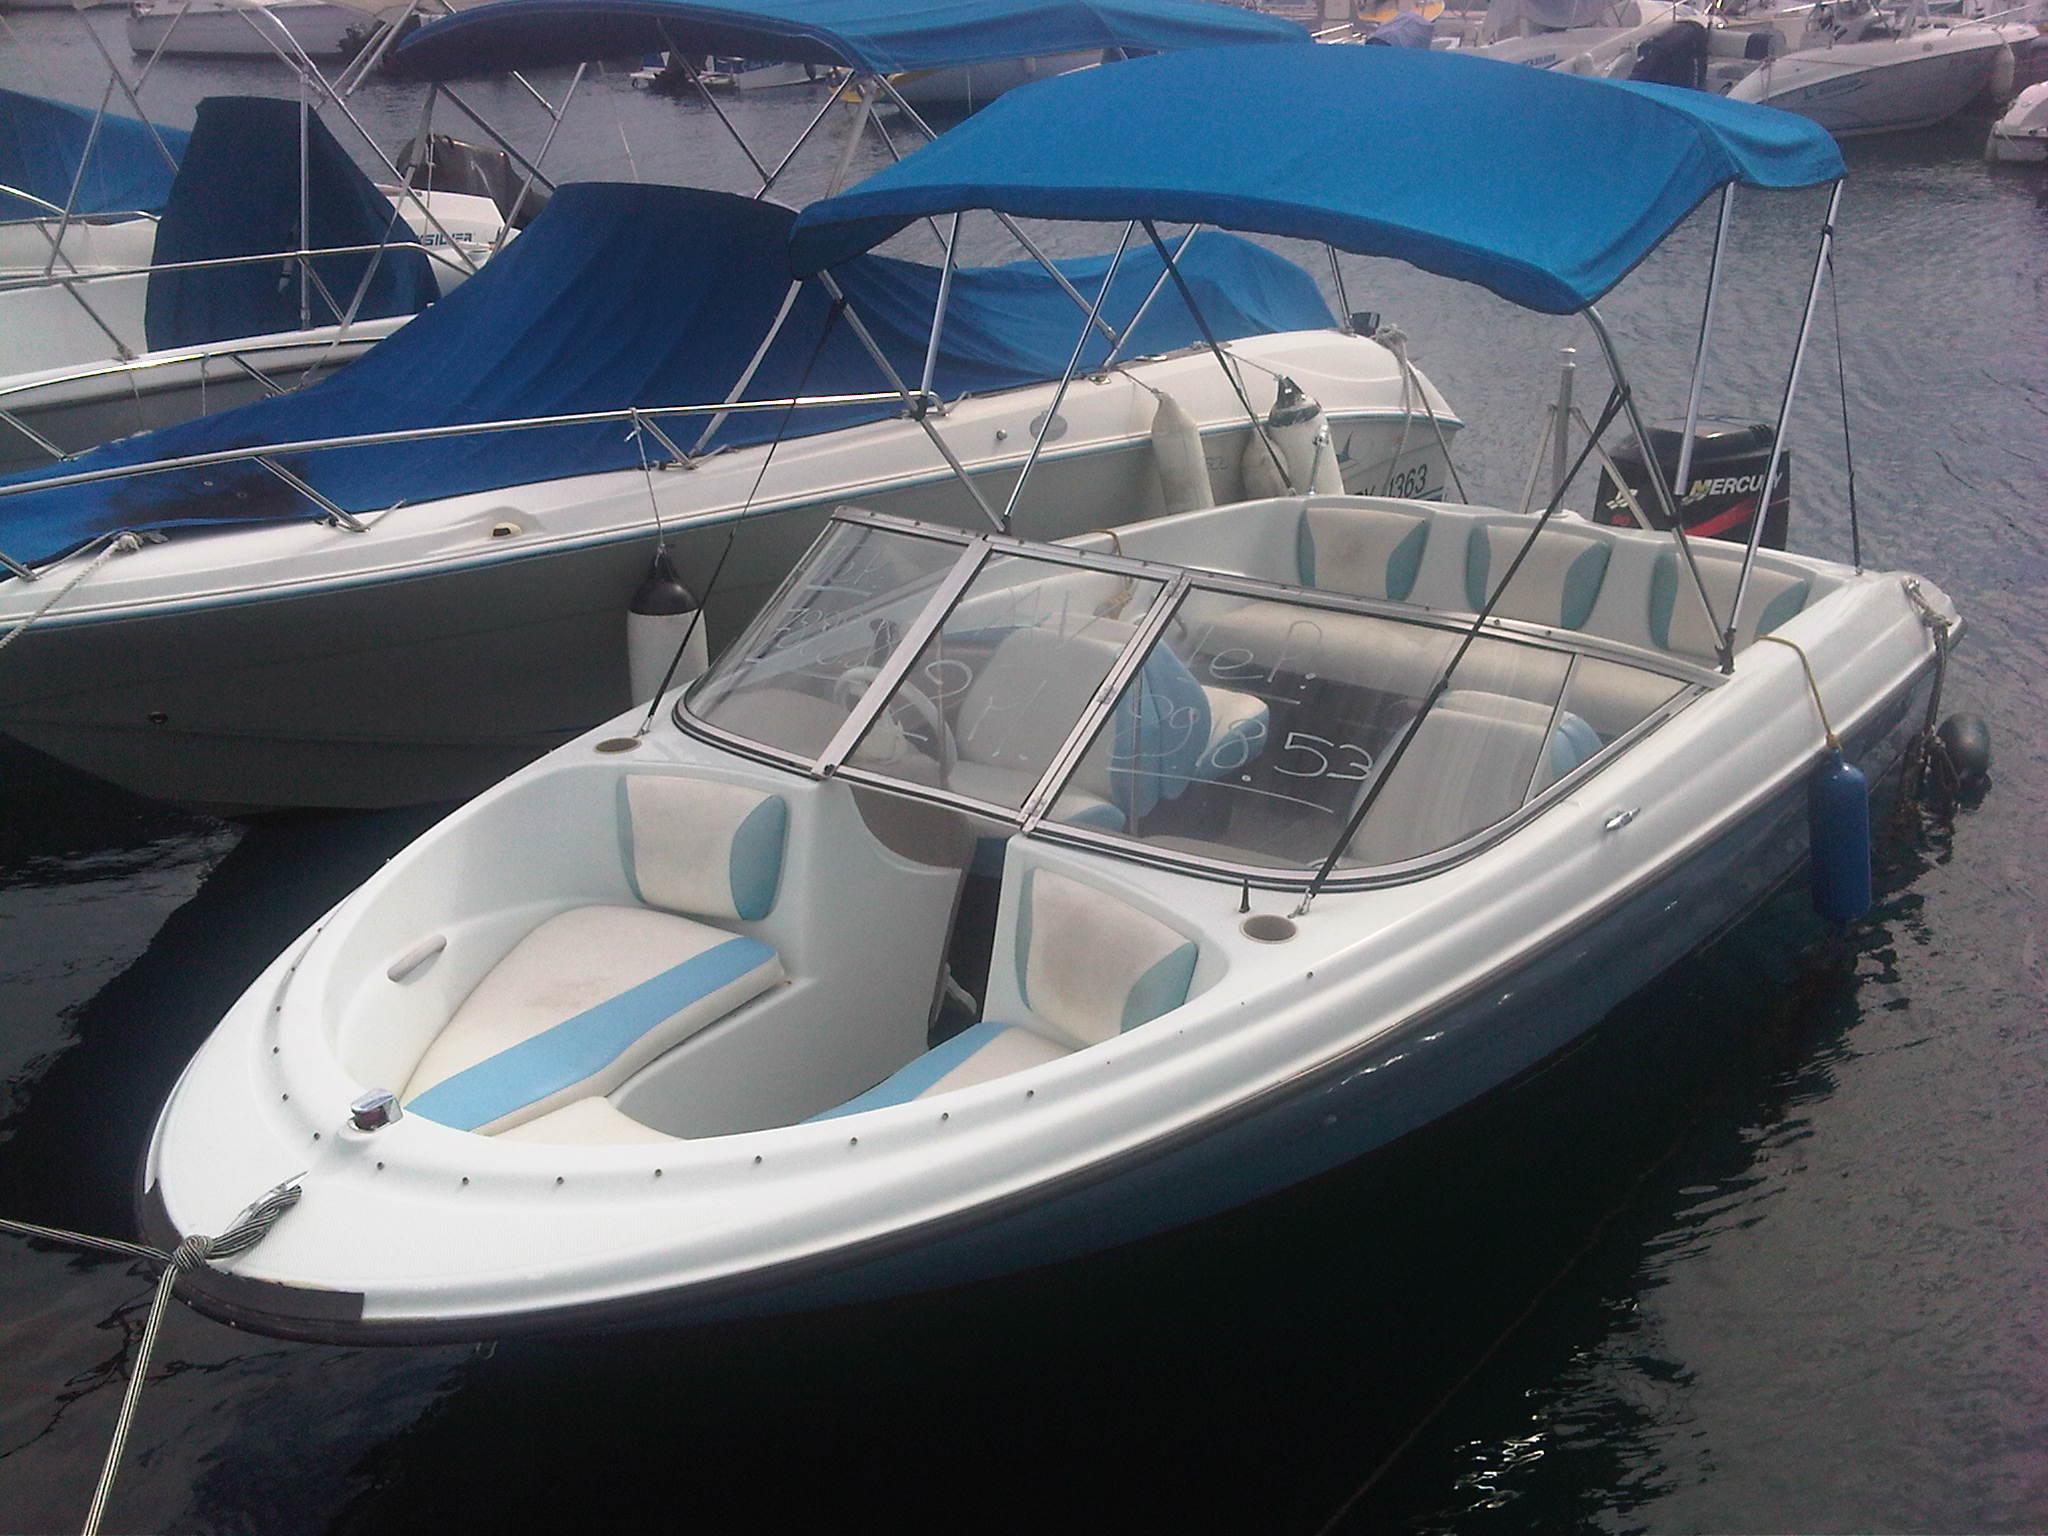 bateau 8 places a vendre